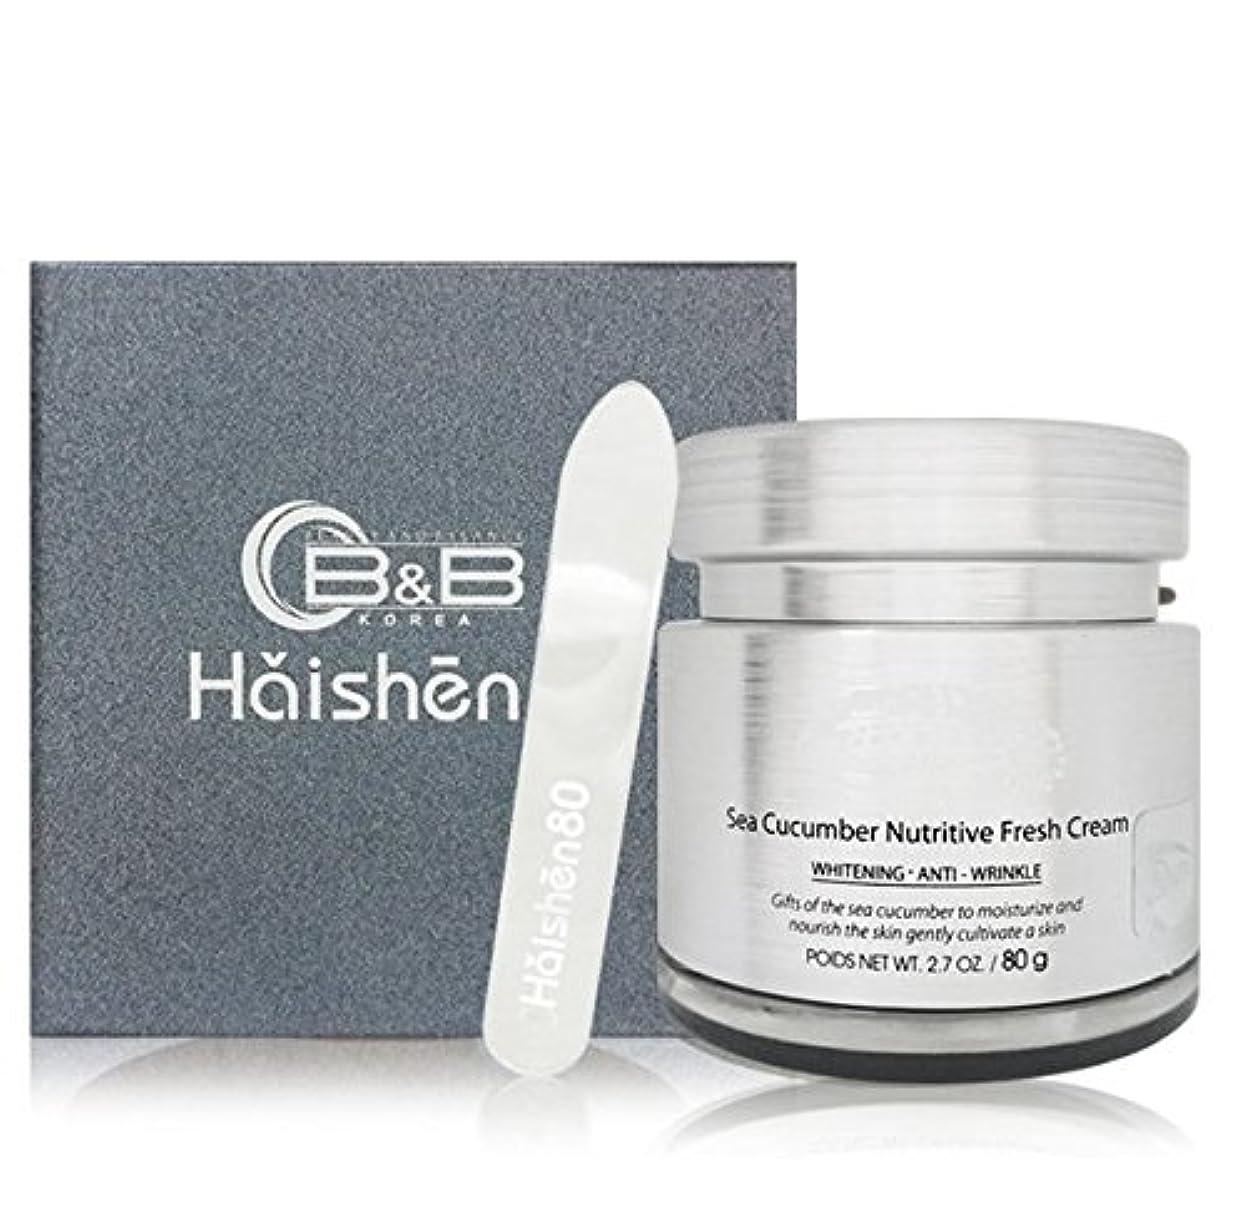 ベーリング海峡切手ビバ[訳有り?OUTLET]Haishen80 Sea cucumber Nutritious Fresh Cream 80g ハイサン 80 シーキューカンバーニュトゥリチブフレッシュクリーム 80g